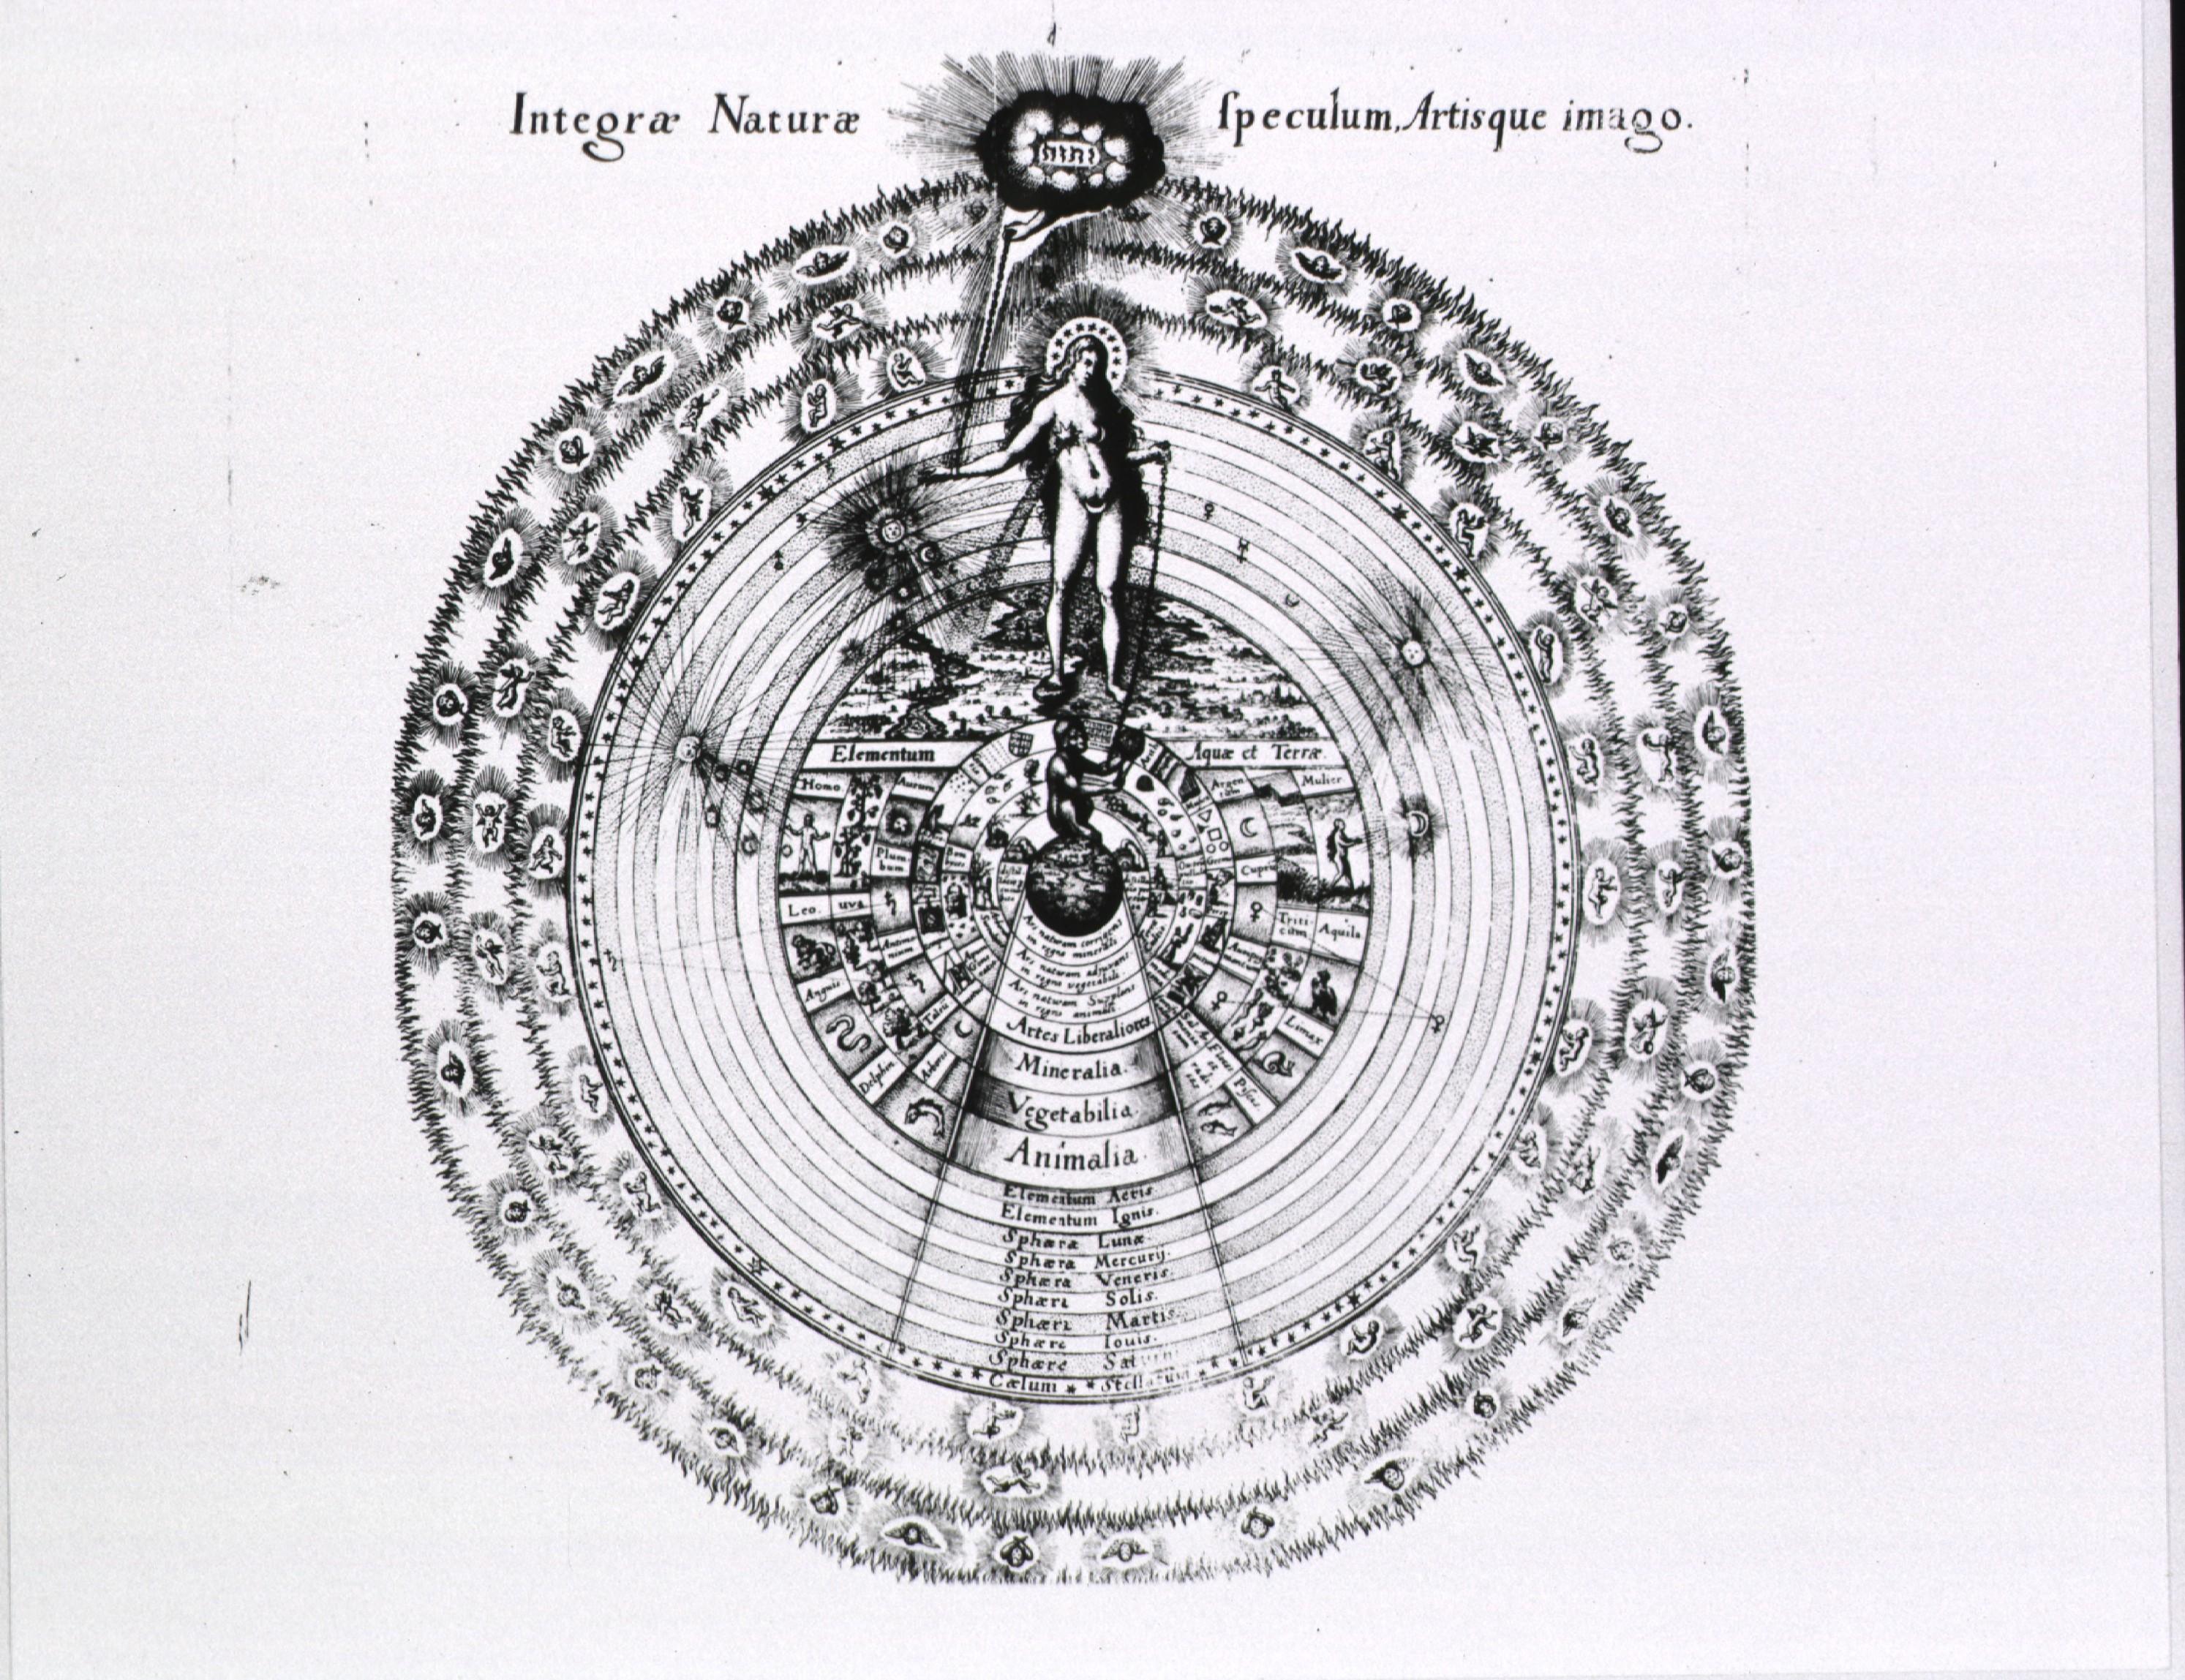 Robert Fludd - Integrae Naturae Speculum, Artisque imago